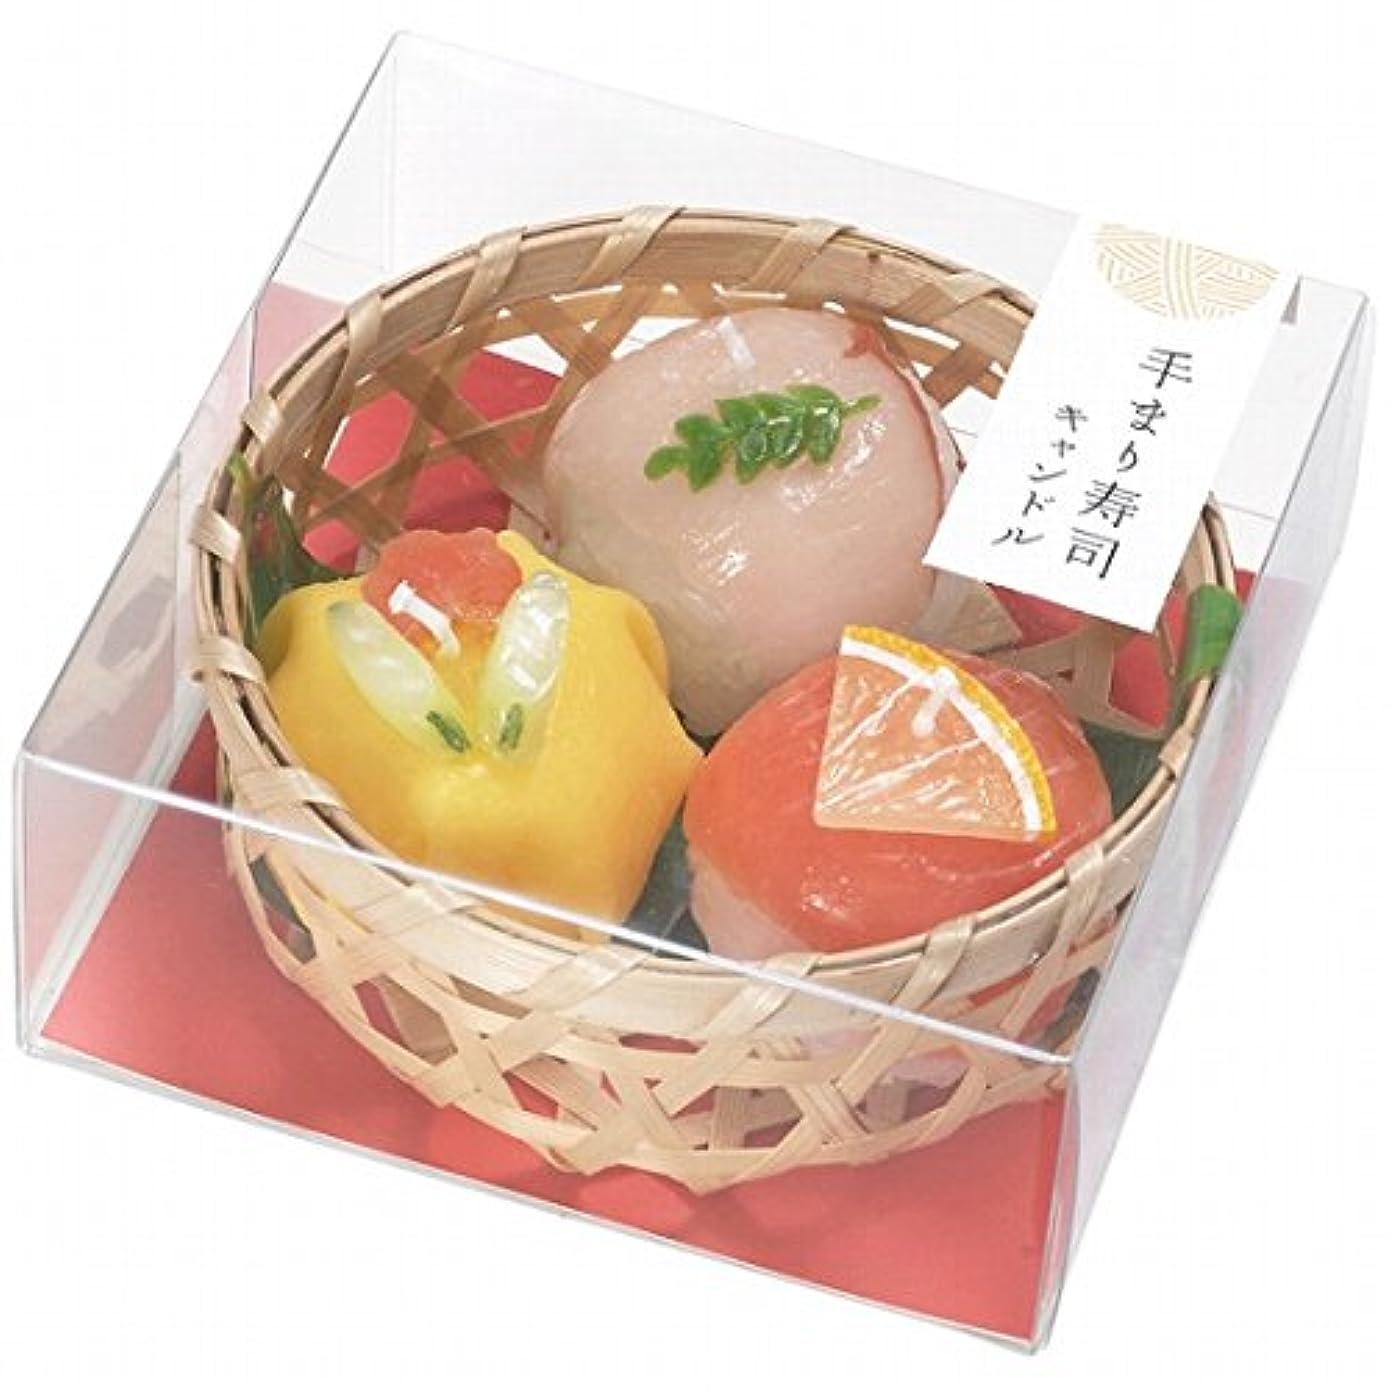 アクティビティレポートを書く大臣カメヤマキャンドル(kameyama candle) 手まり寿司キャンドル